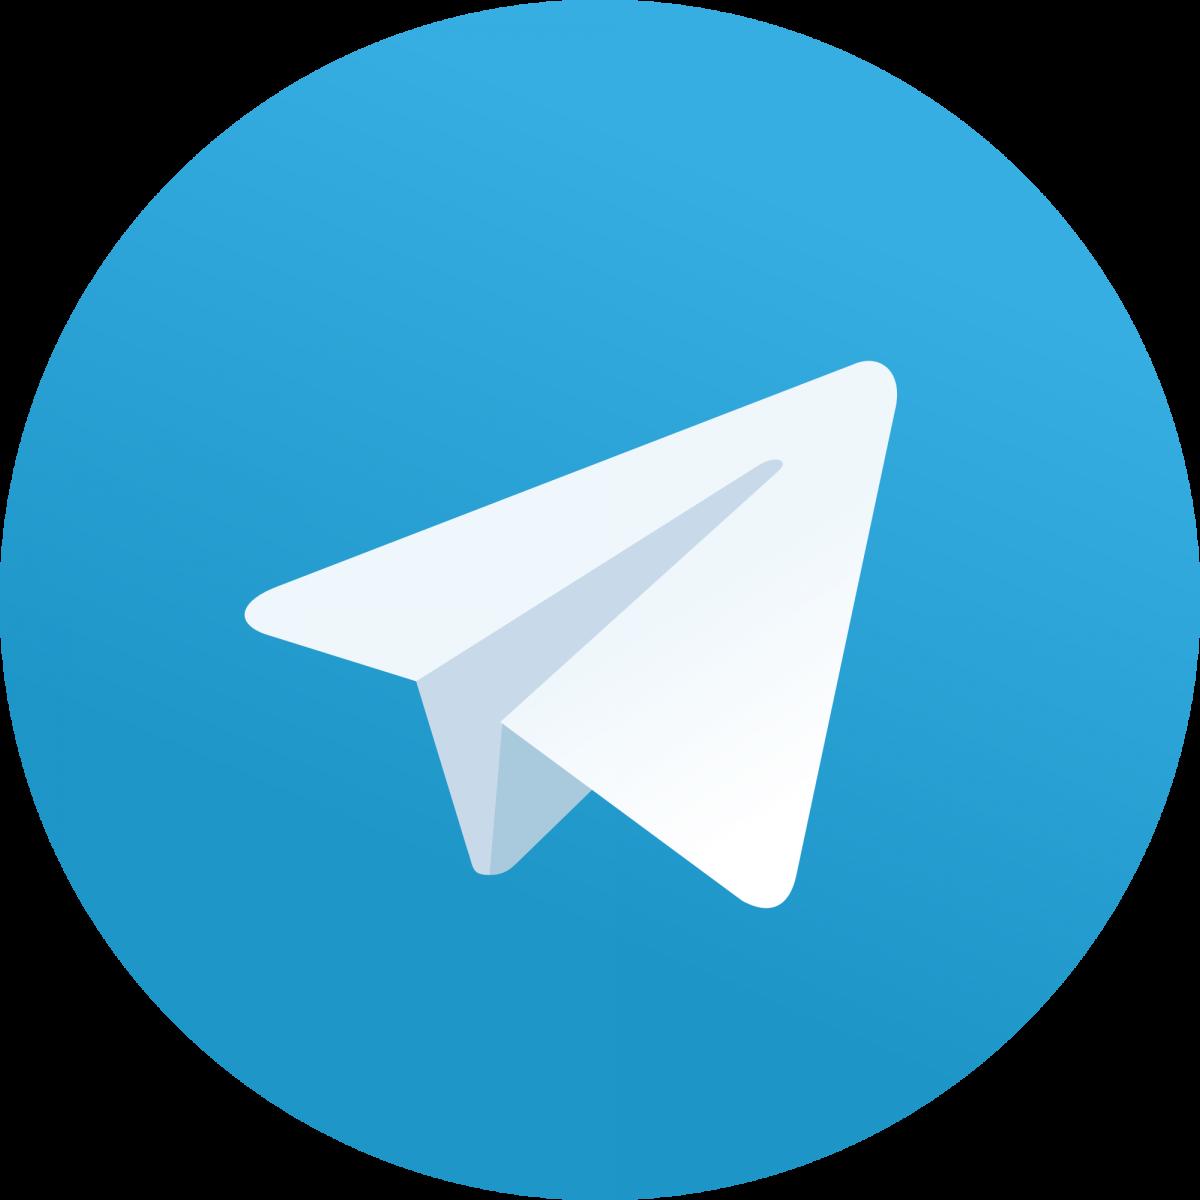 کانال تلگرام ع